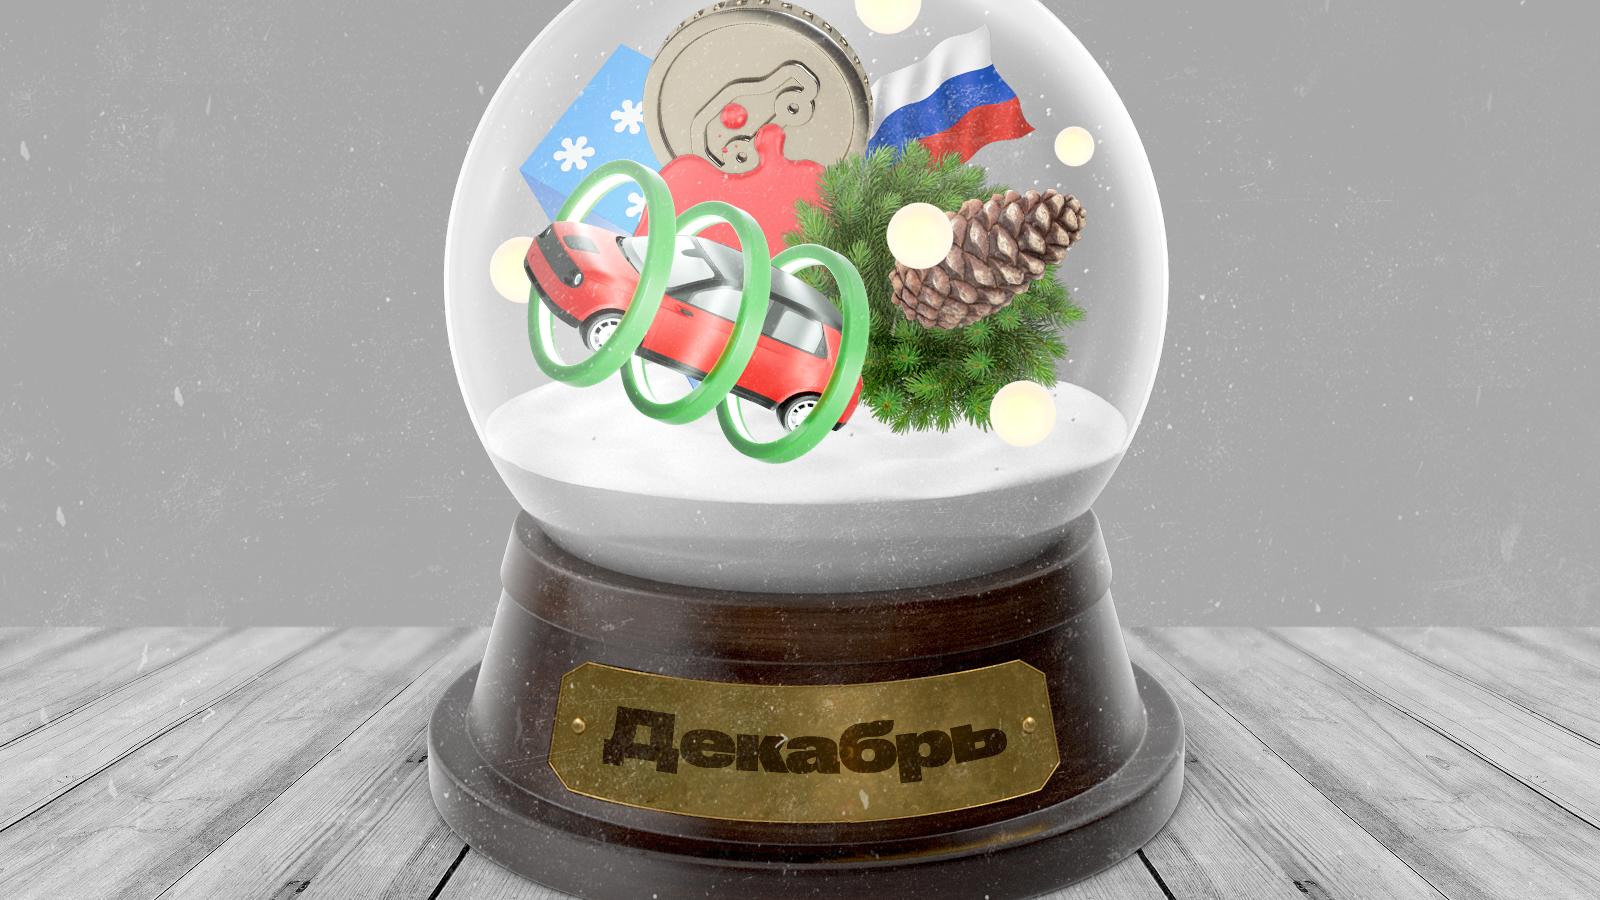 Новости Авто.ру и интересные исследования: дайджест бизнес-новостей за декабрь